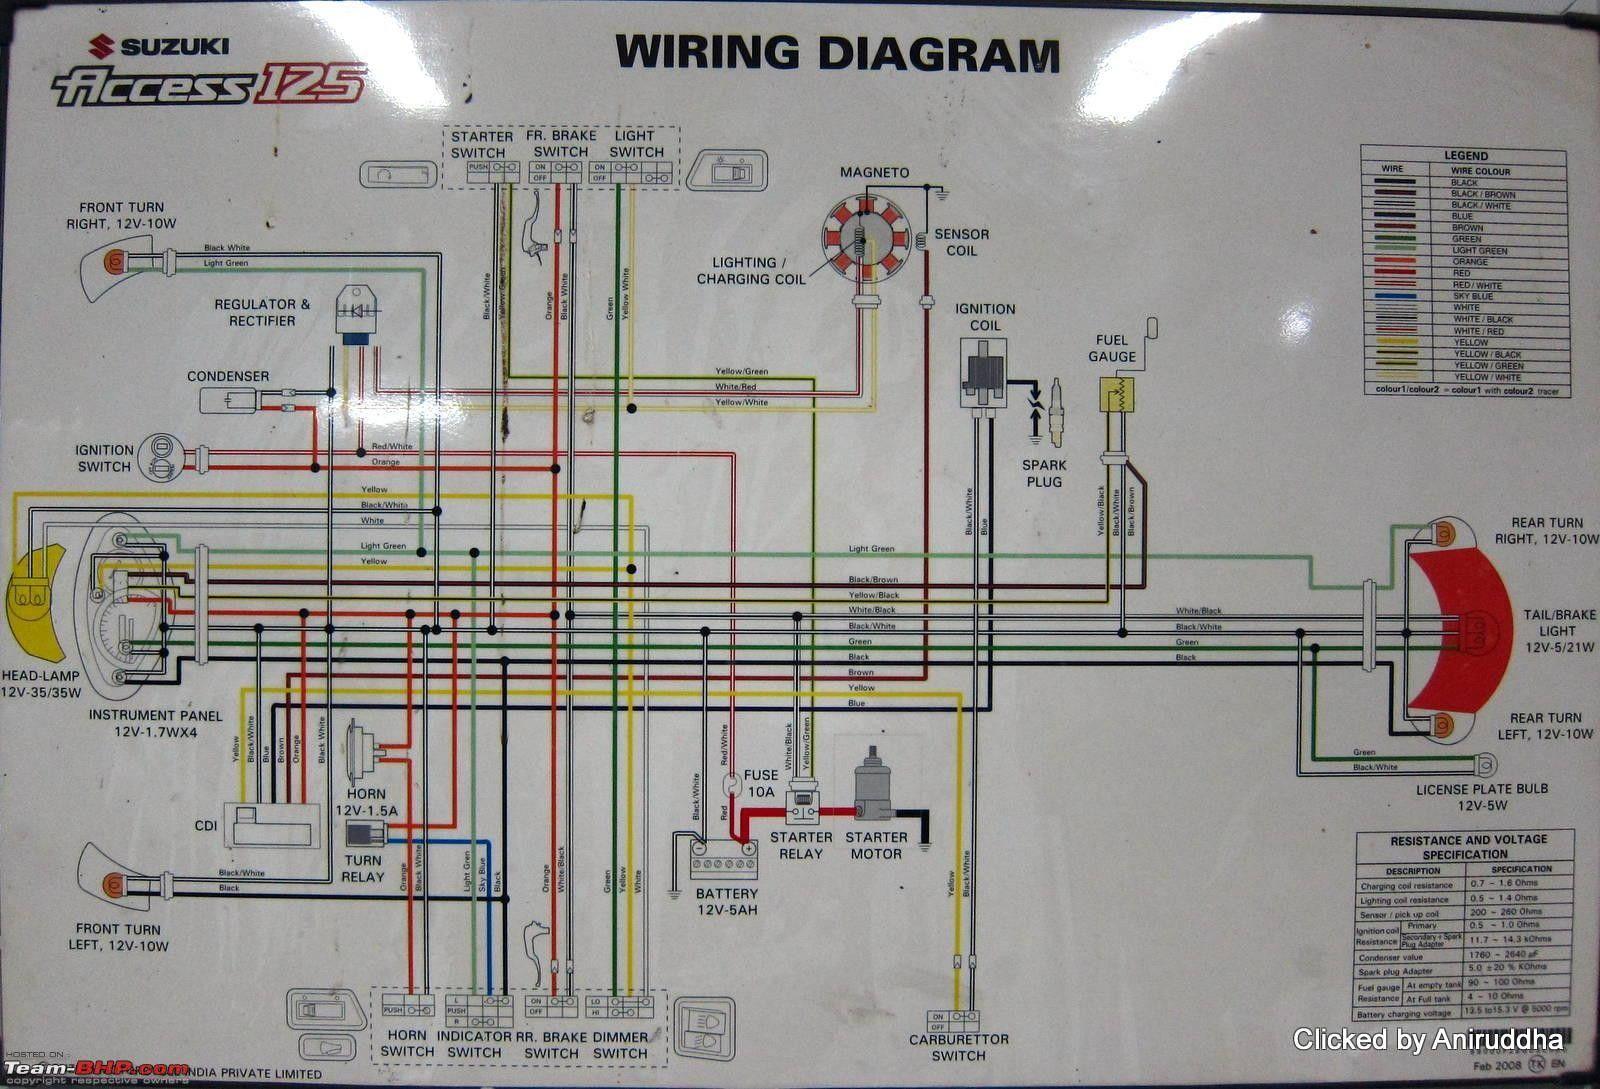 Suzuki Access 125 Wiring Diagram Motorcycle Wiring Electrical Wiring Diagram Electrical Diagram